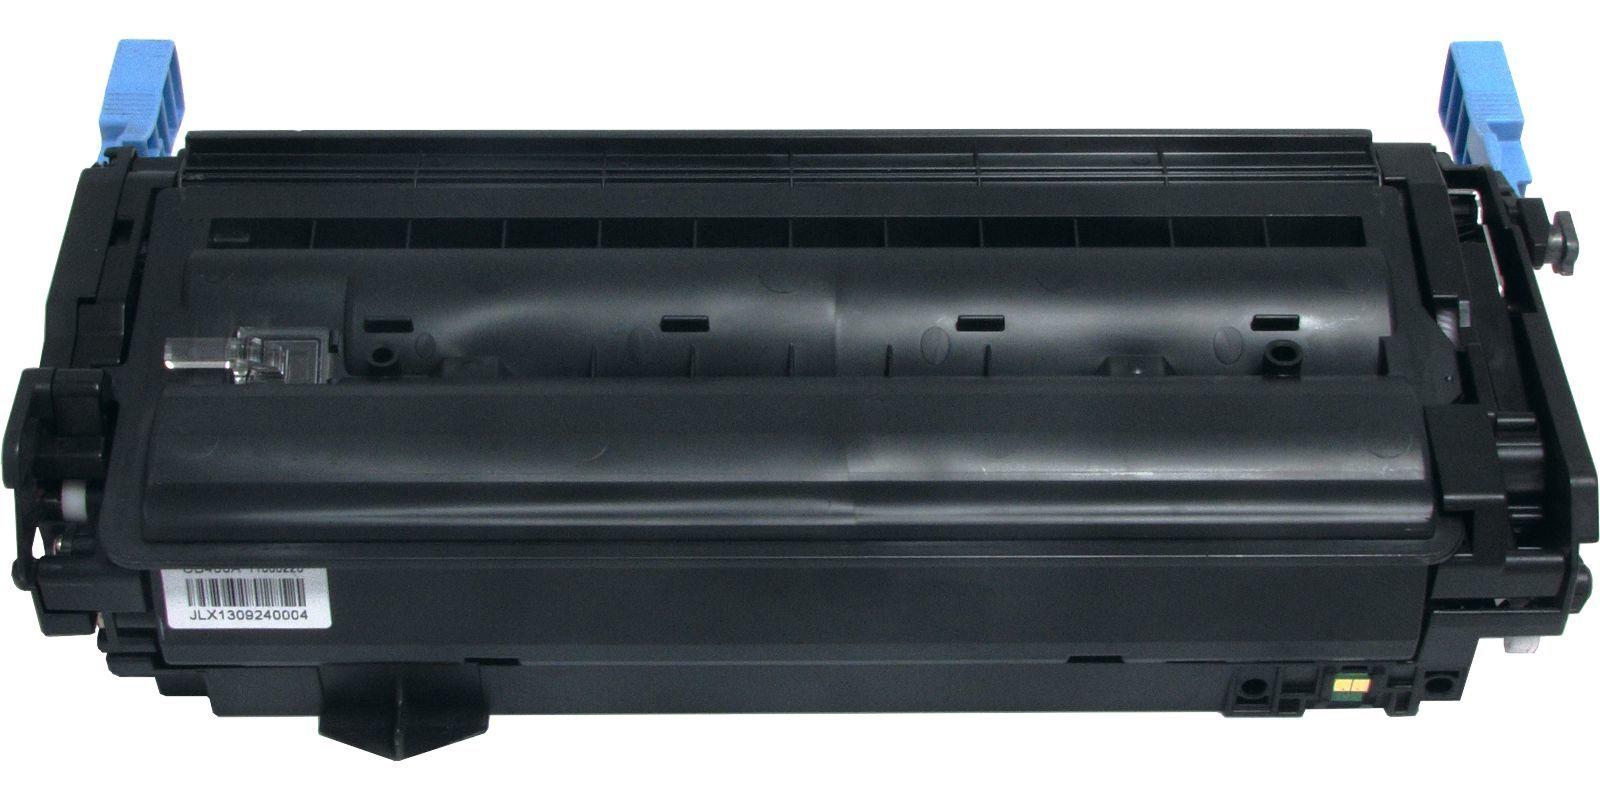 Картридж лазерный цветной MAK© 642A CB400A черный (black), до 7500 стр.